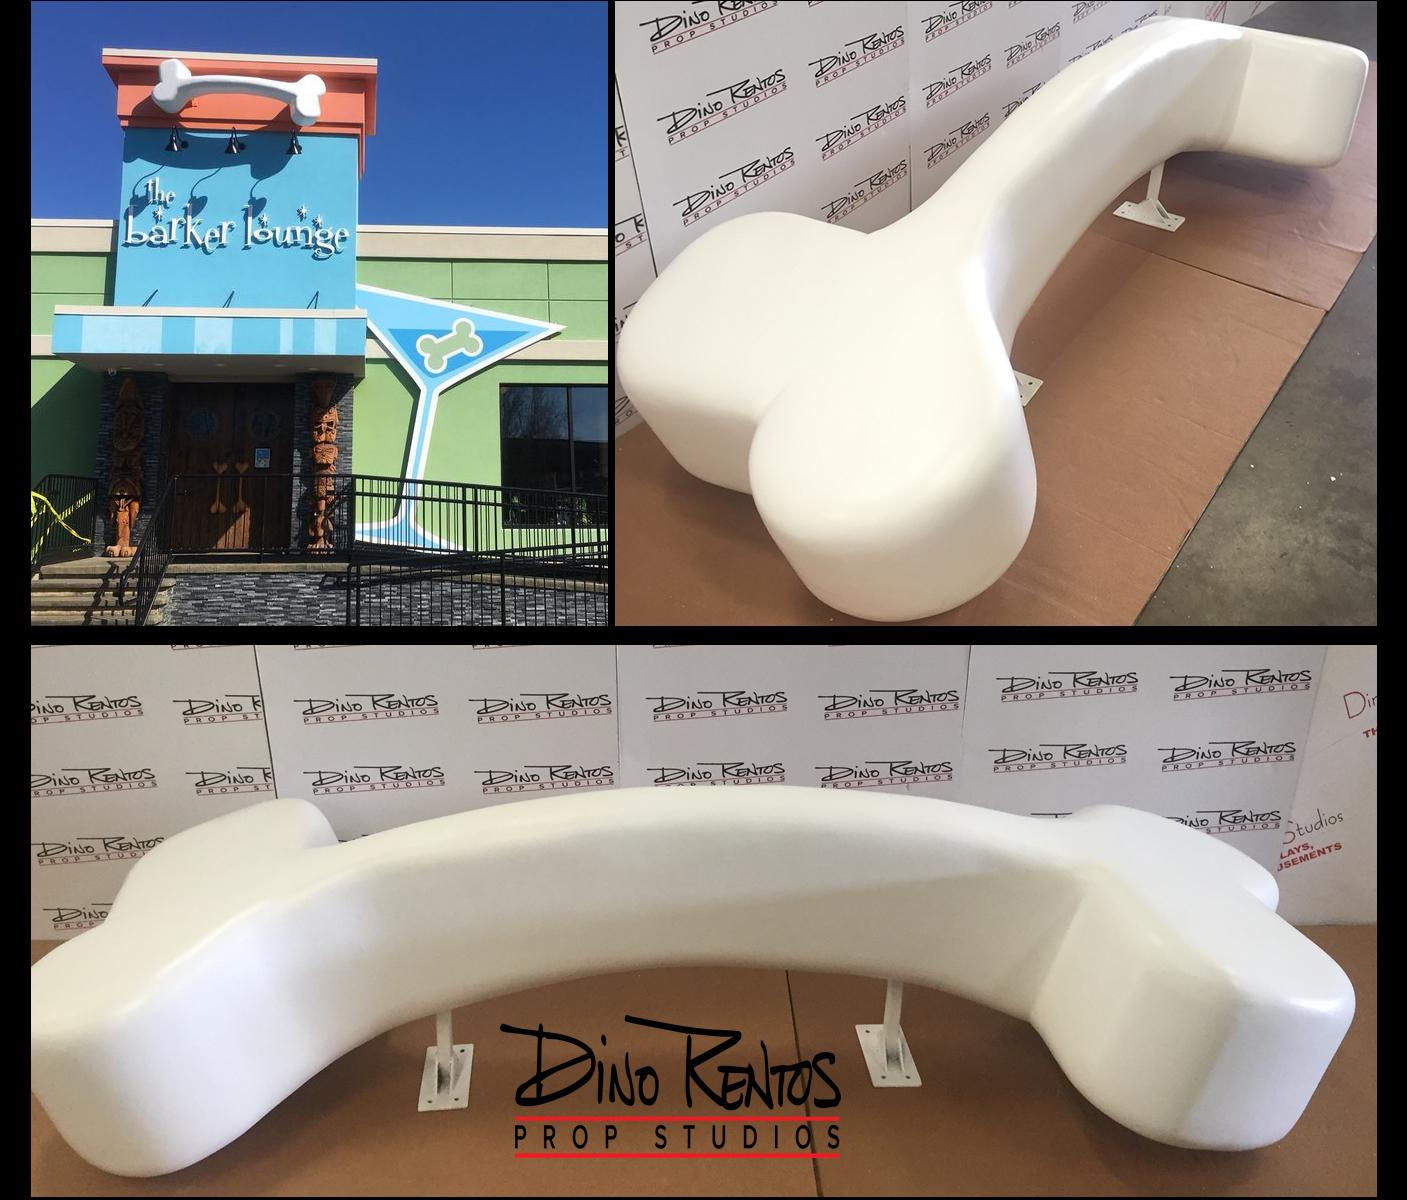 Large Foam Dog Bone for exterior sign Barker Lounge display prop retail signage